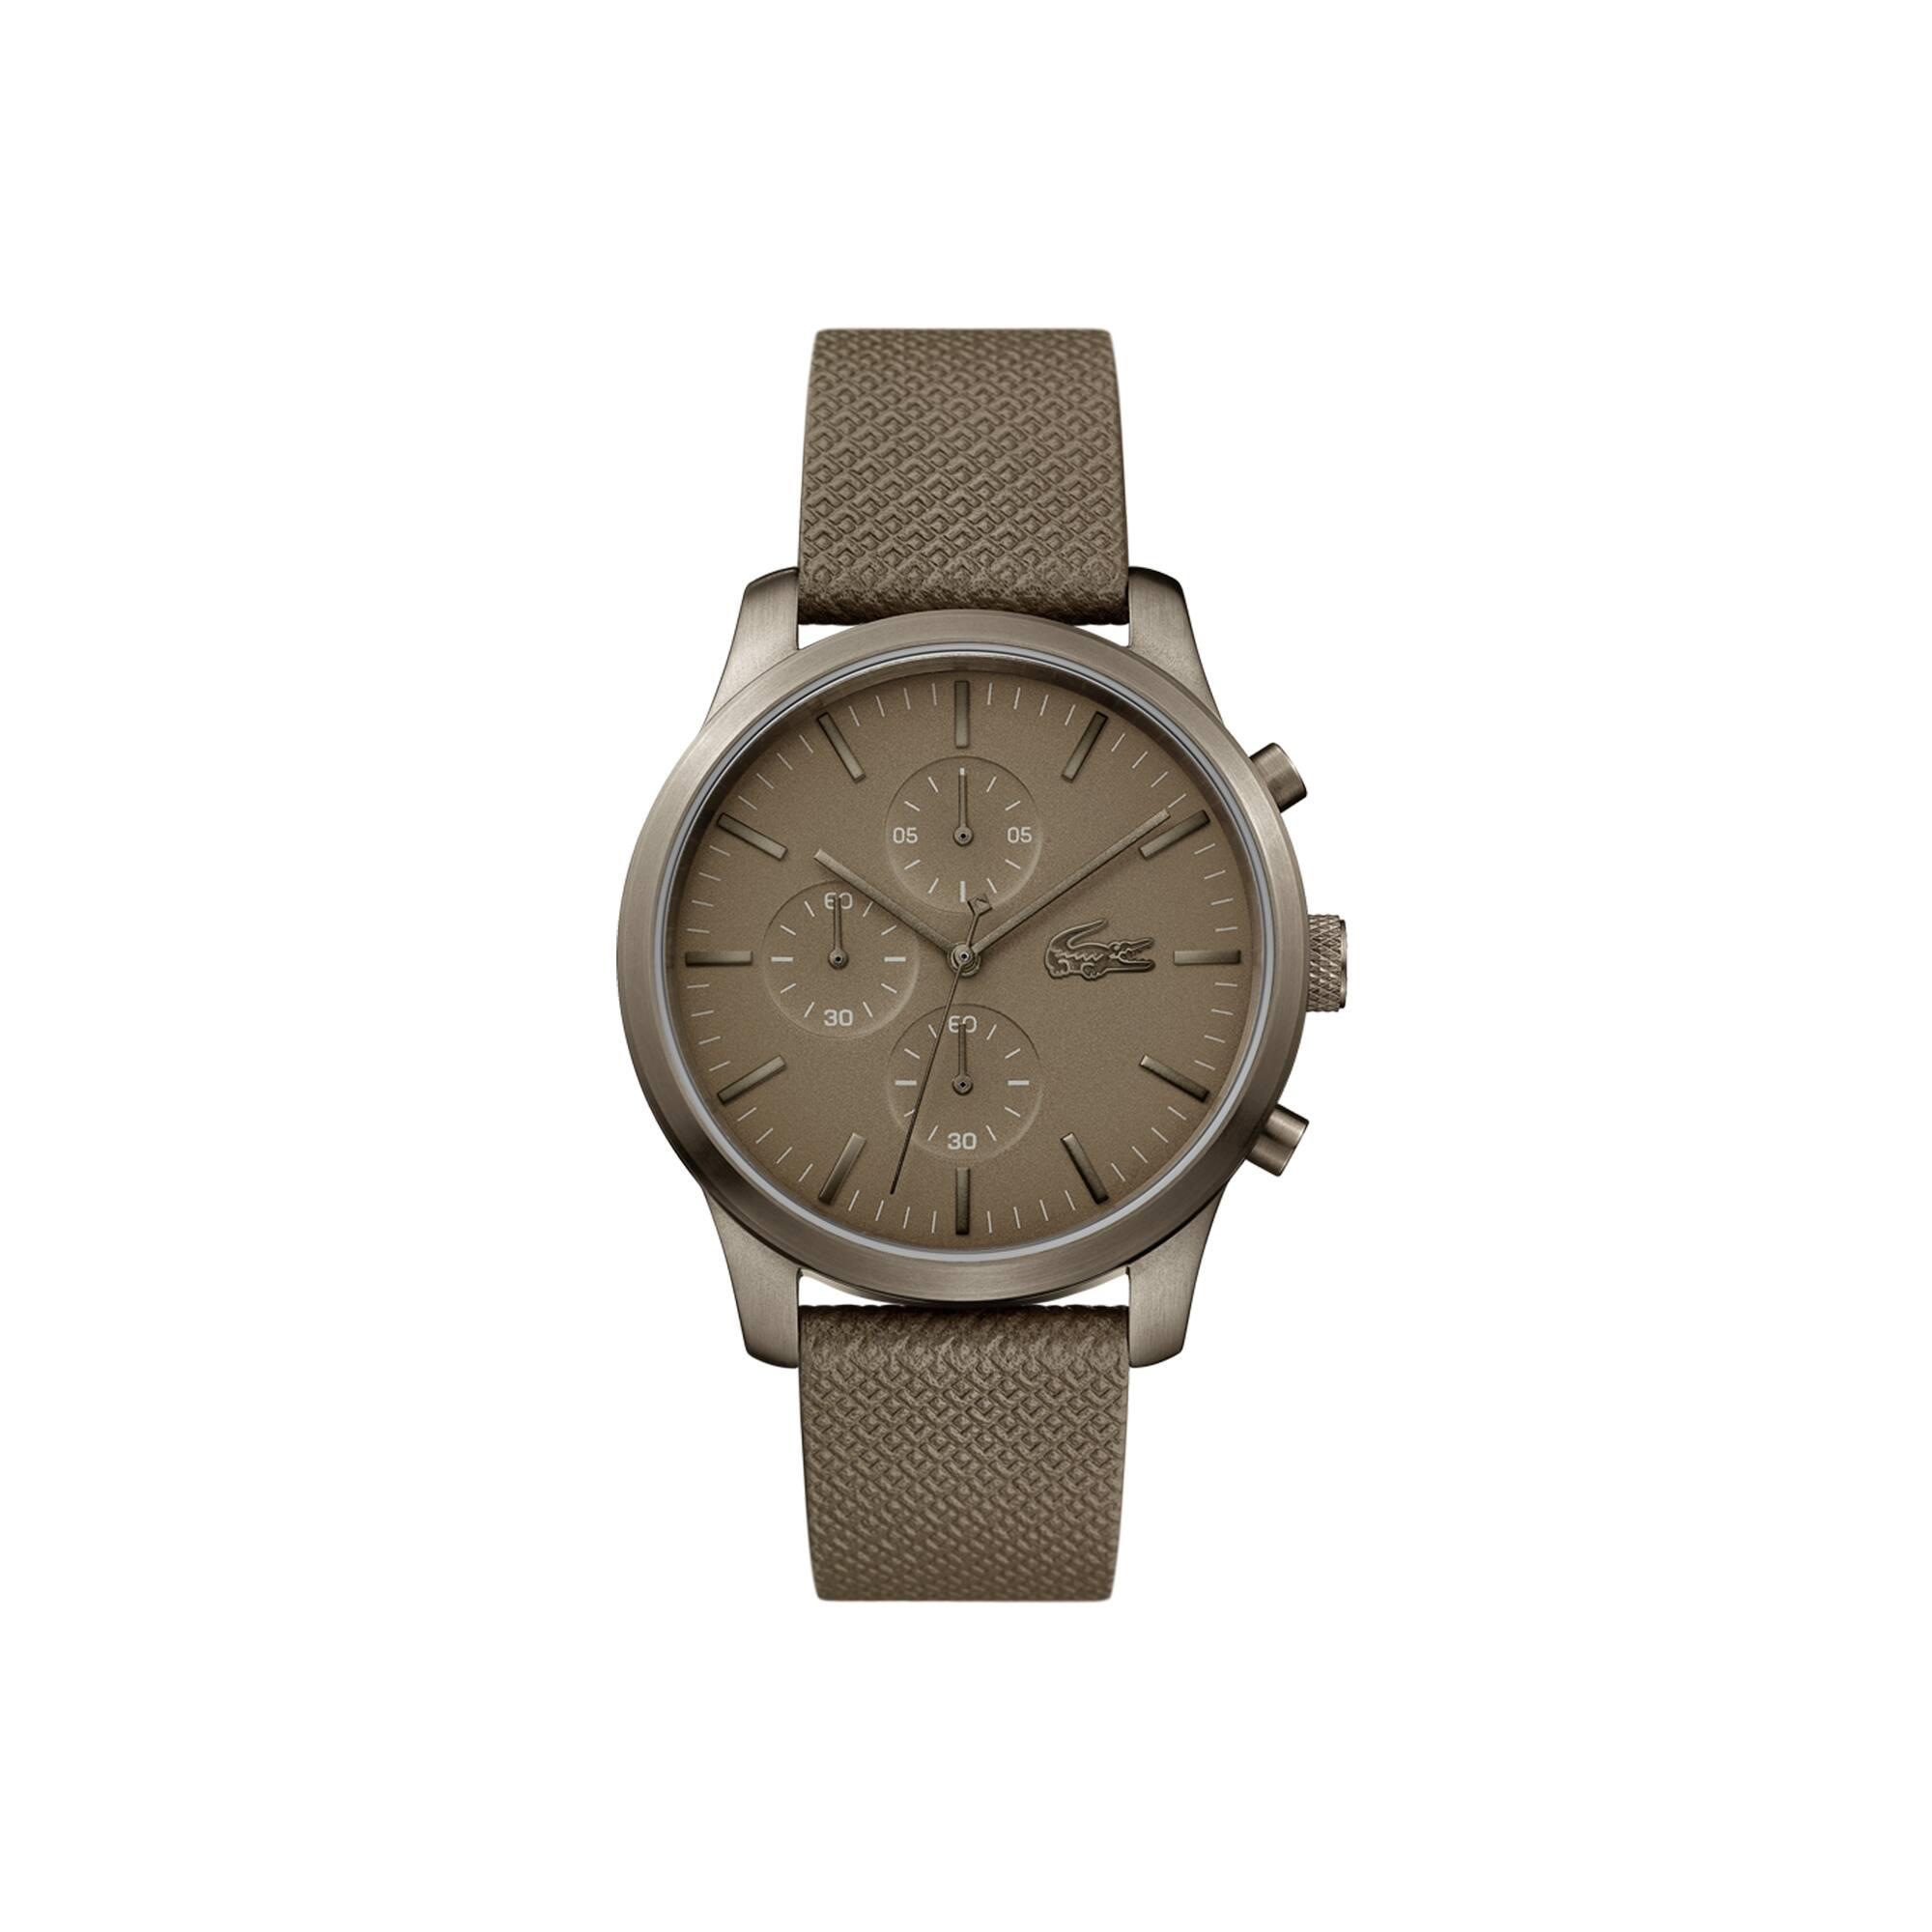 Reloj de Hombre Lacoste L.12.12 85Th Anniversary con Cronógrafo Y Correa Caqui de Piel con Textura de Petit Piqué En Relieve